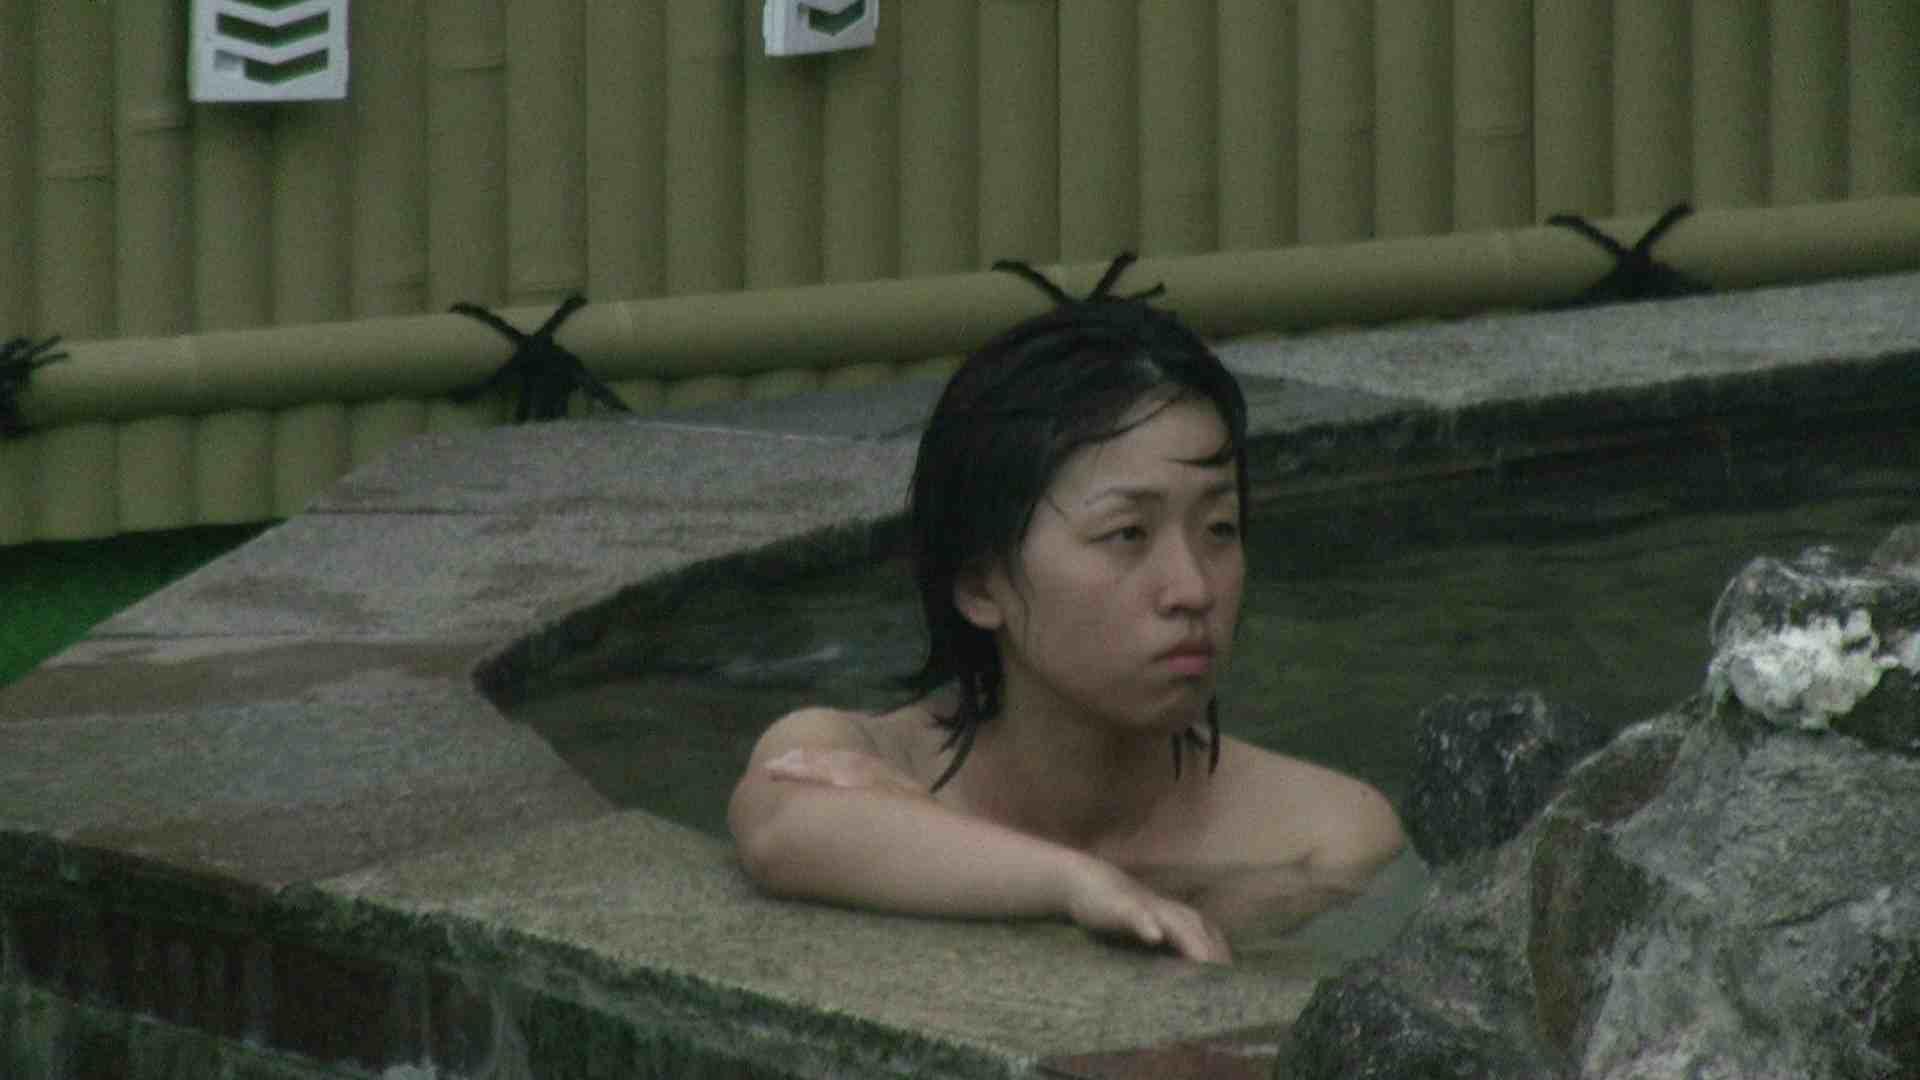 Aquaな露天風呂Vol.170 盗撮大放出 オメコ動画キャプチャ 65連発 58